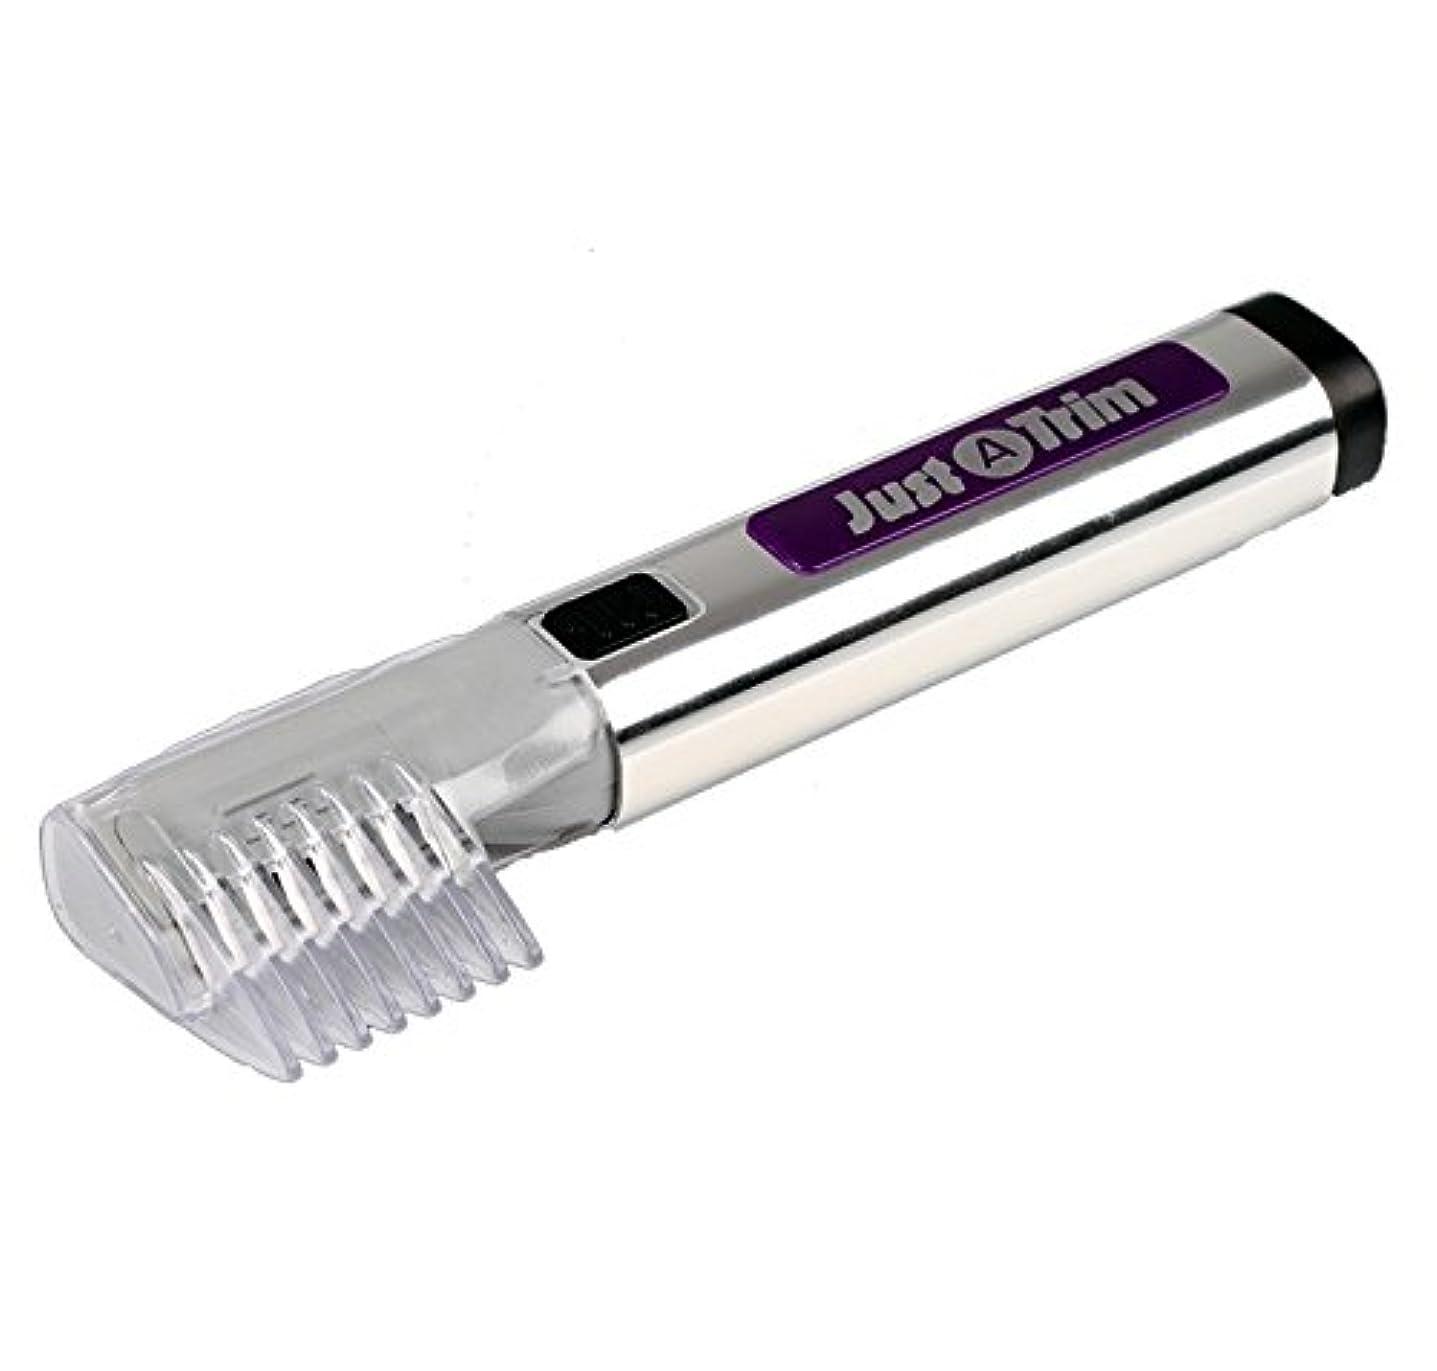 カストディアン気怠い破壊する無駄 毛 トリマー 電池 式 電動 カミソリ 眉毛 ヒゲ 整髪 SD-EH-113